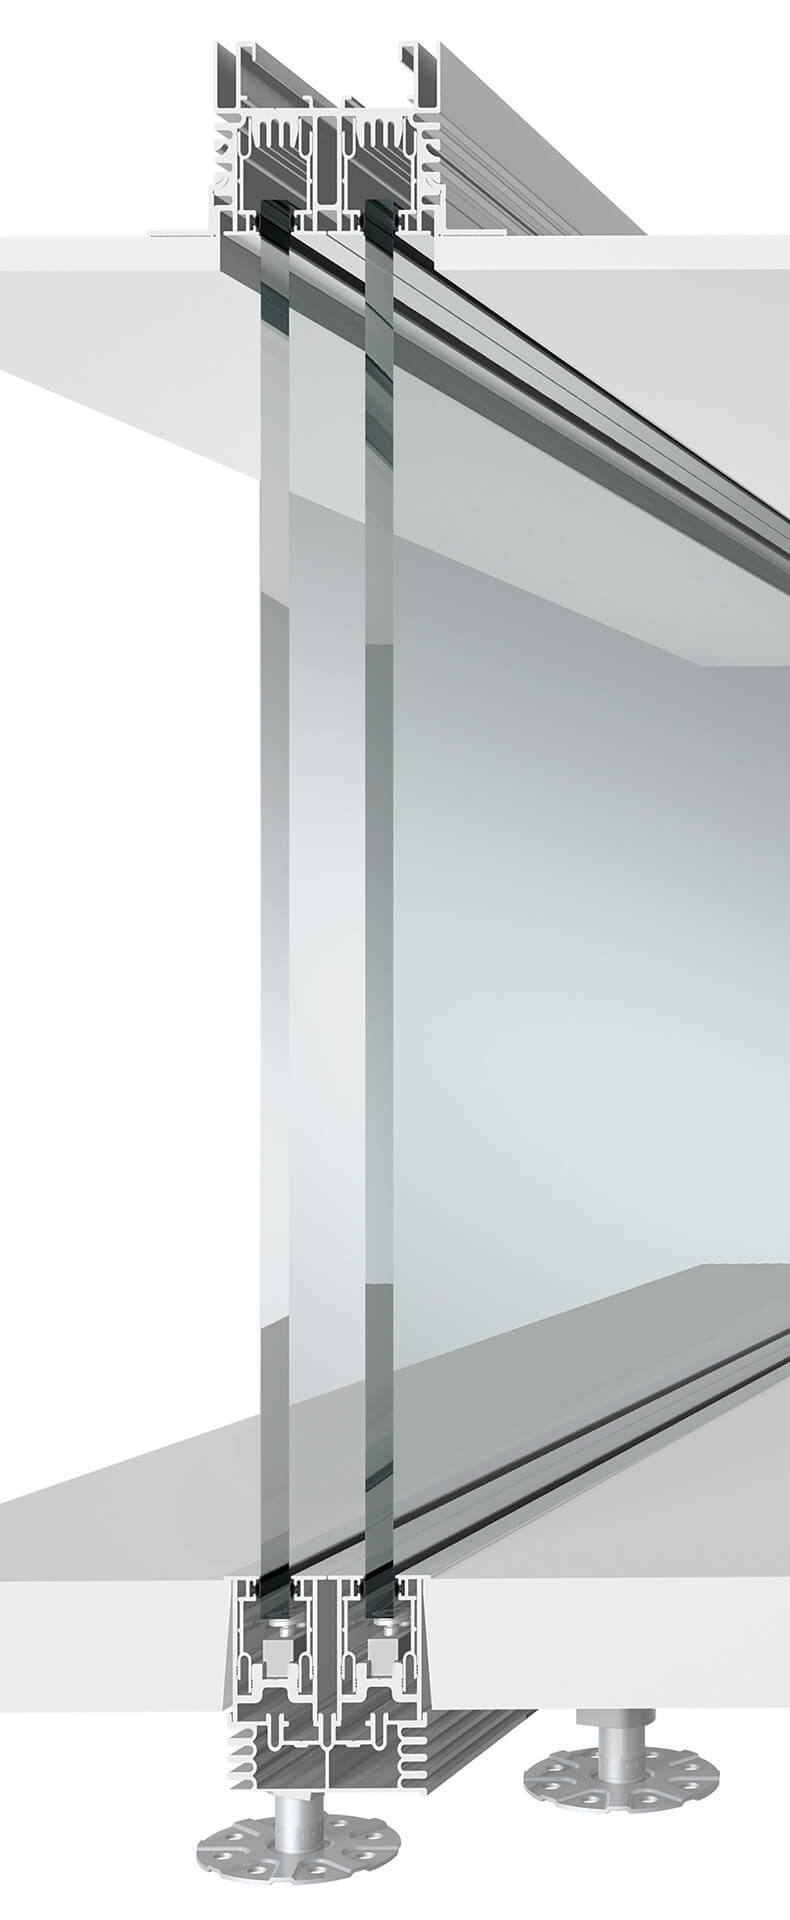 Sezione pareti mobili per l'ufficio in vetro